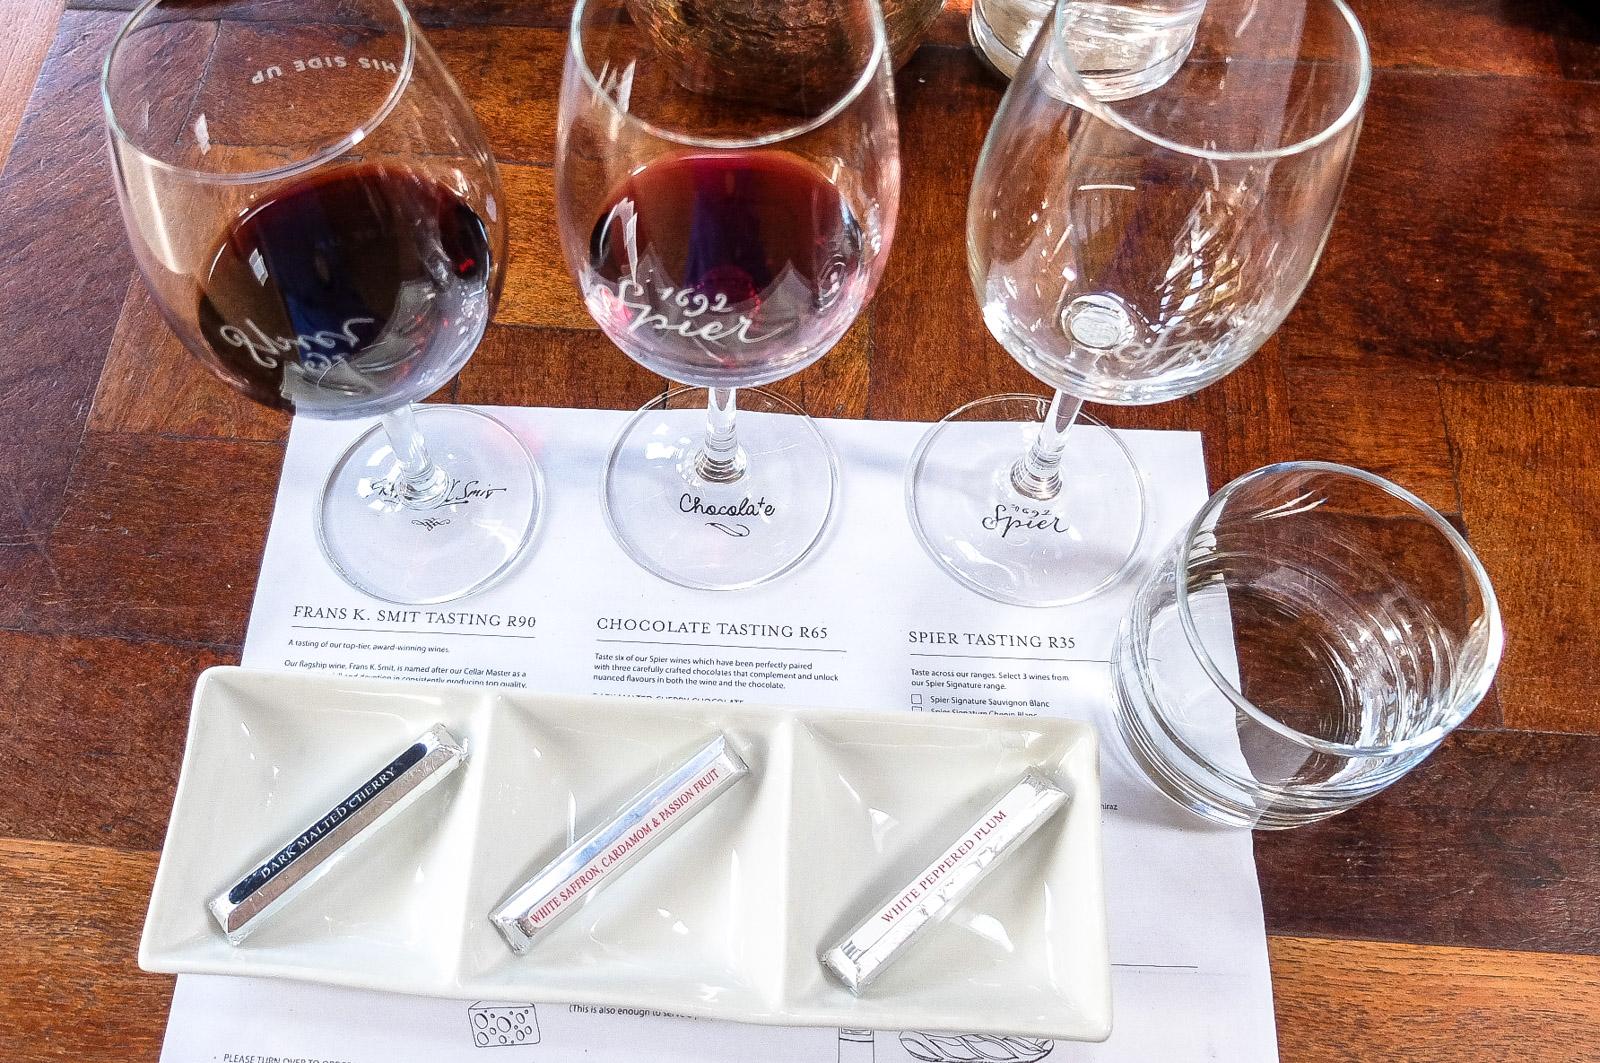 stellenbosch-spier-wines